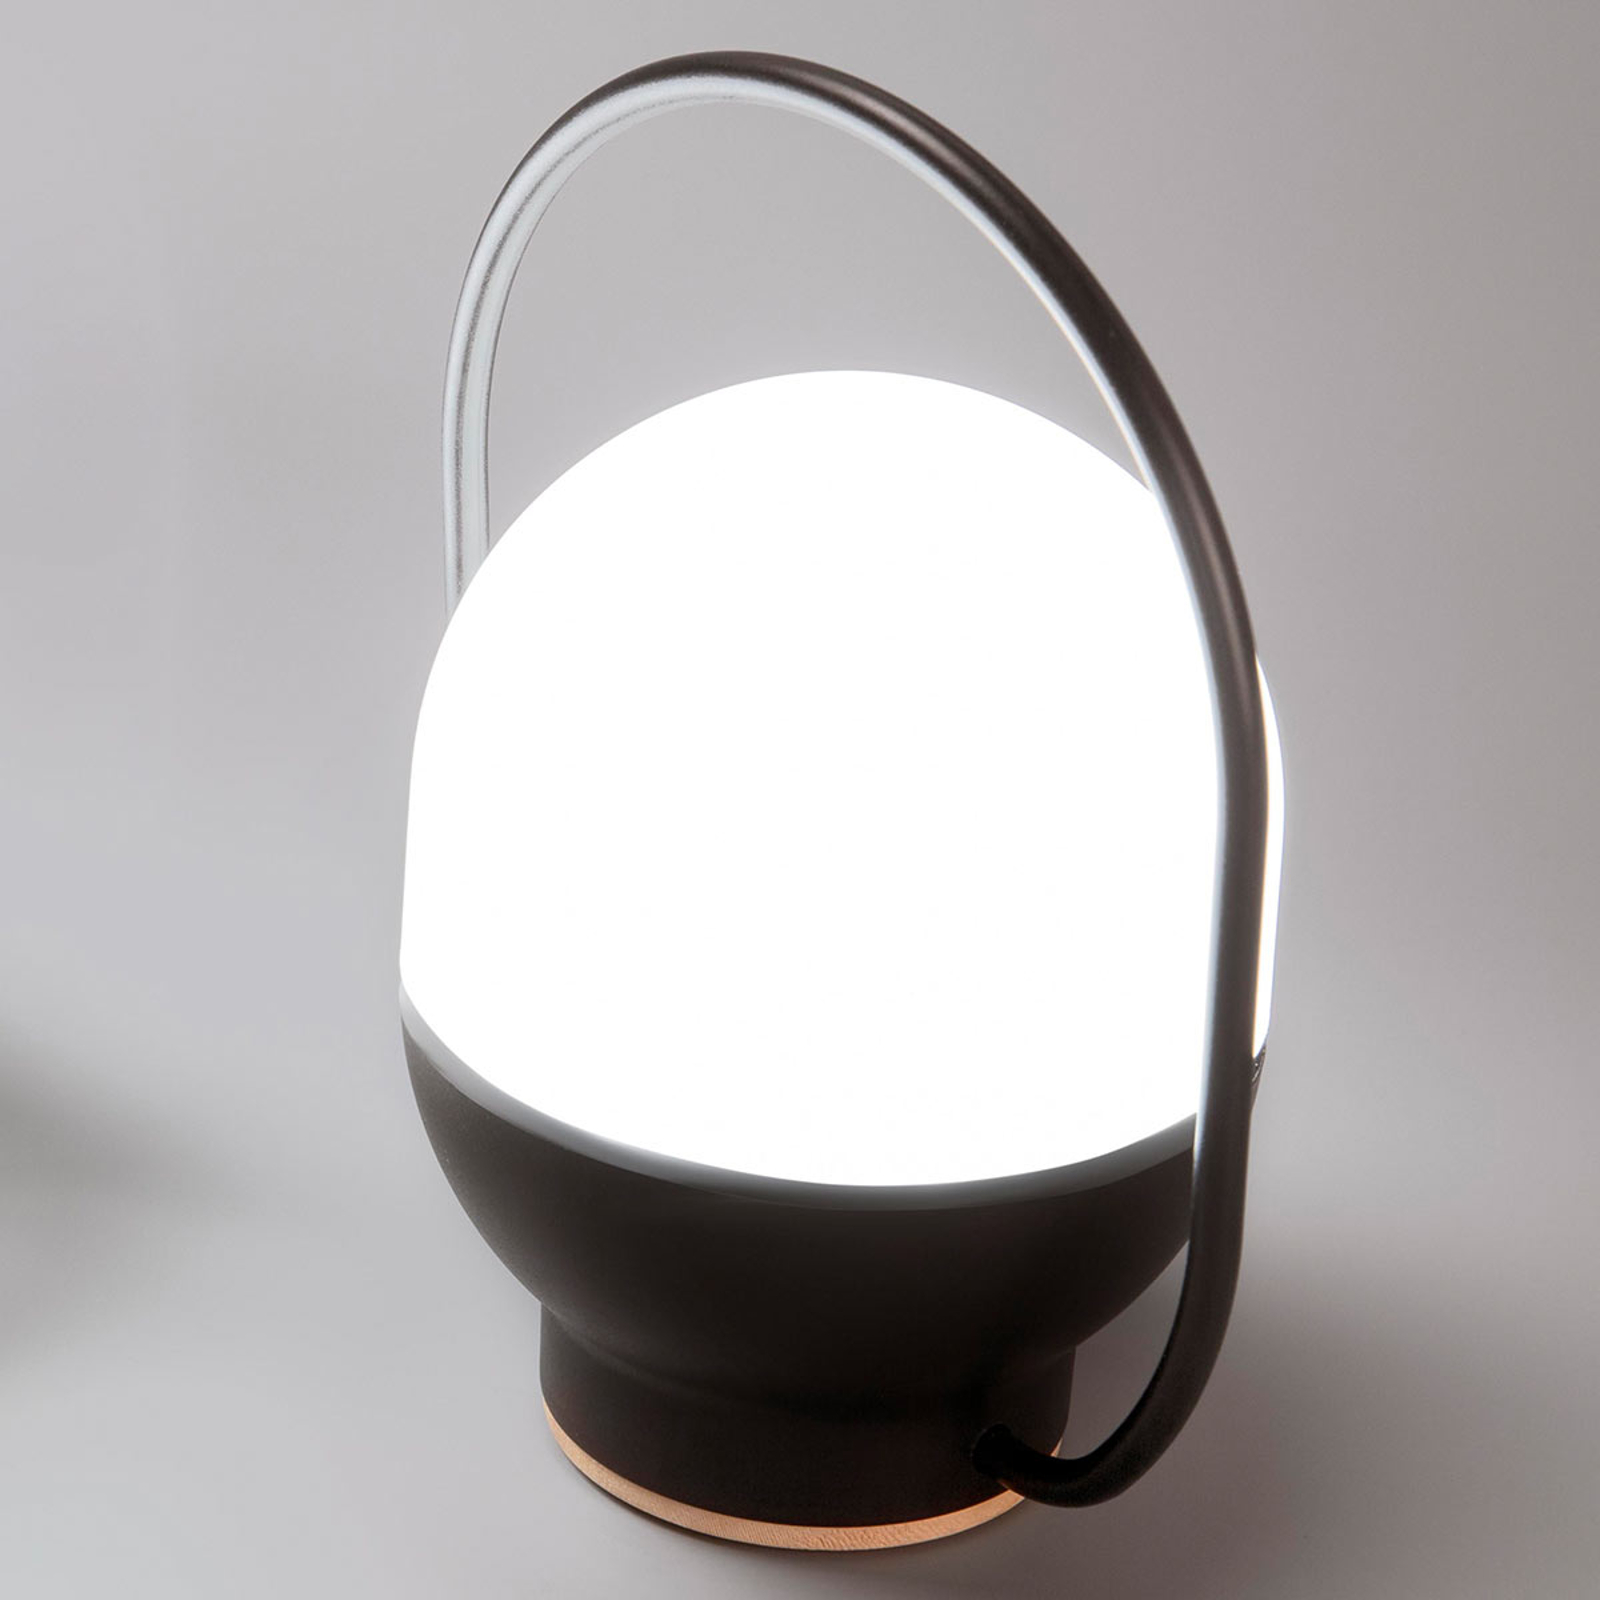 Take away - lampe à poser LED à batterie avec USB